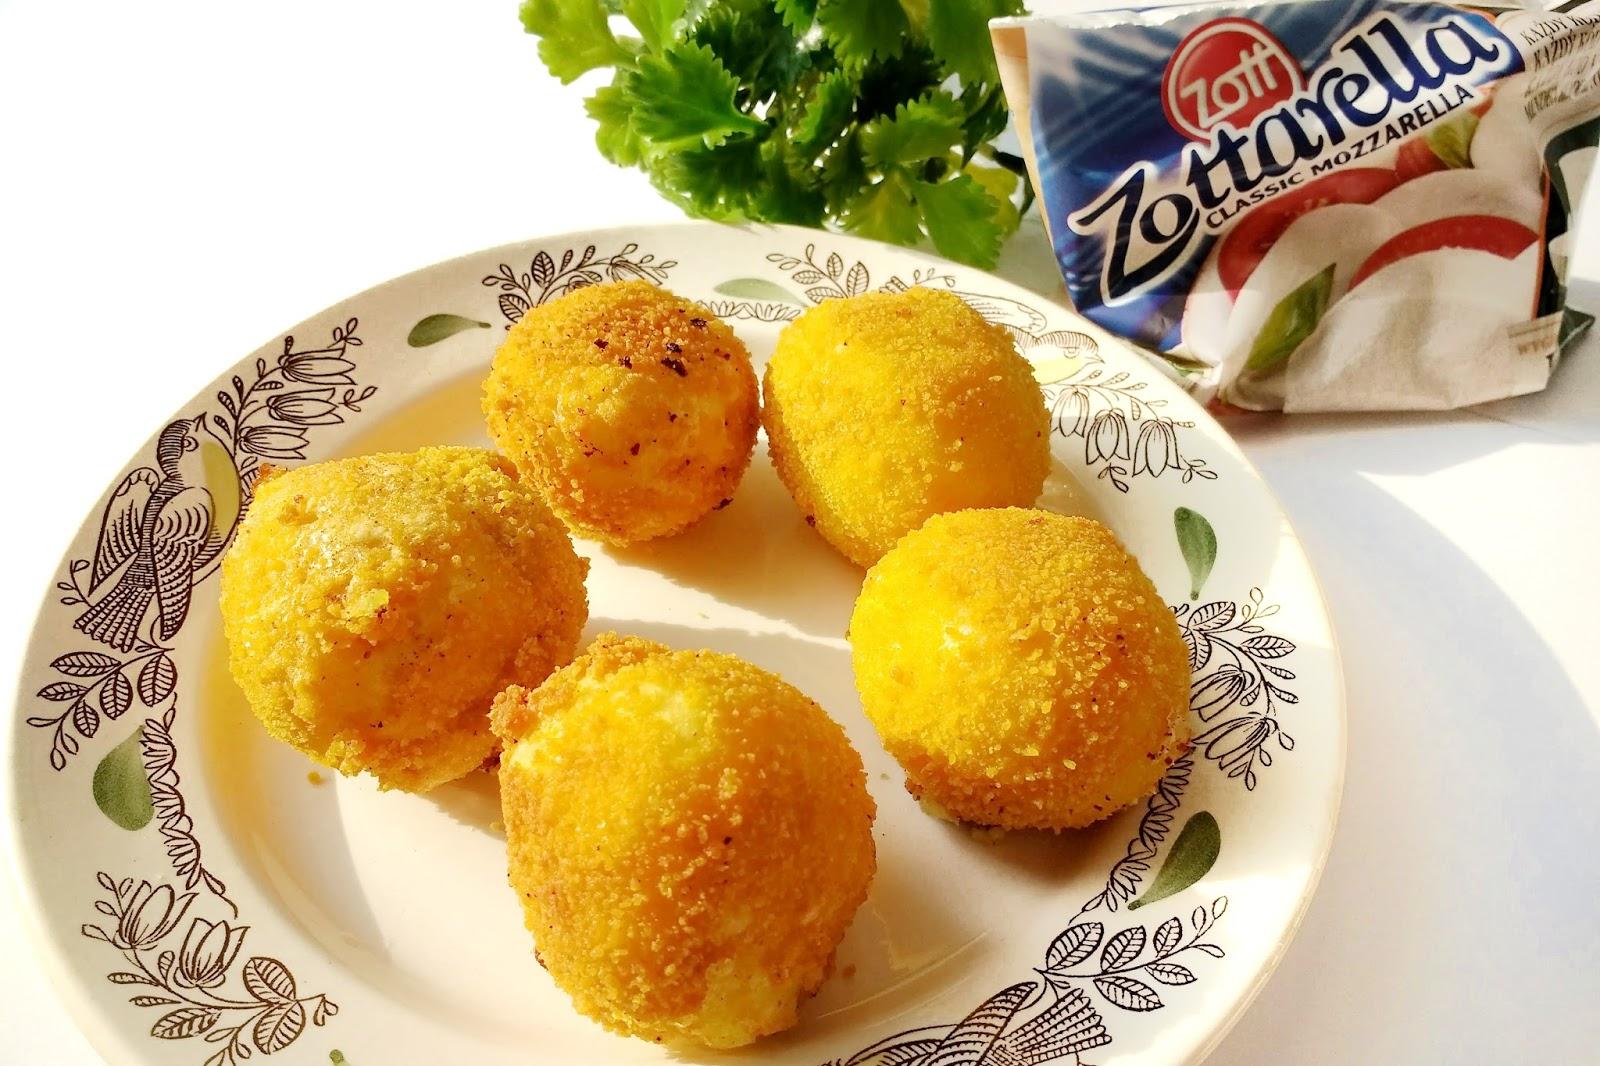 Ziemniaczane kuleczki z mozzarellą | Zottarella bez GMO | #kreatywniewkuchni #zottarellabezgmo